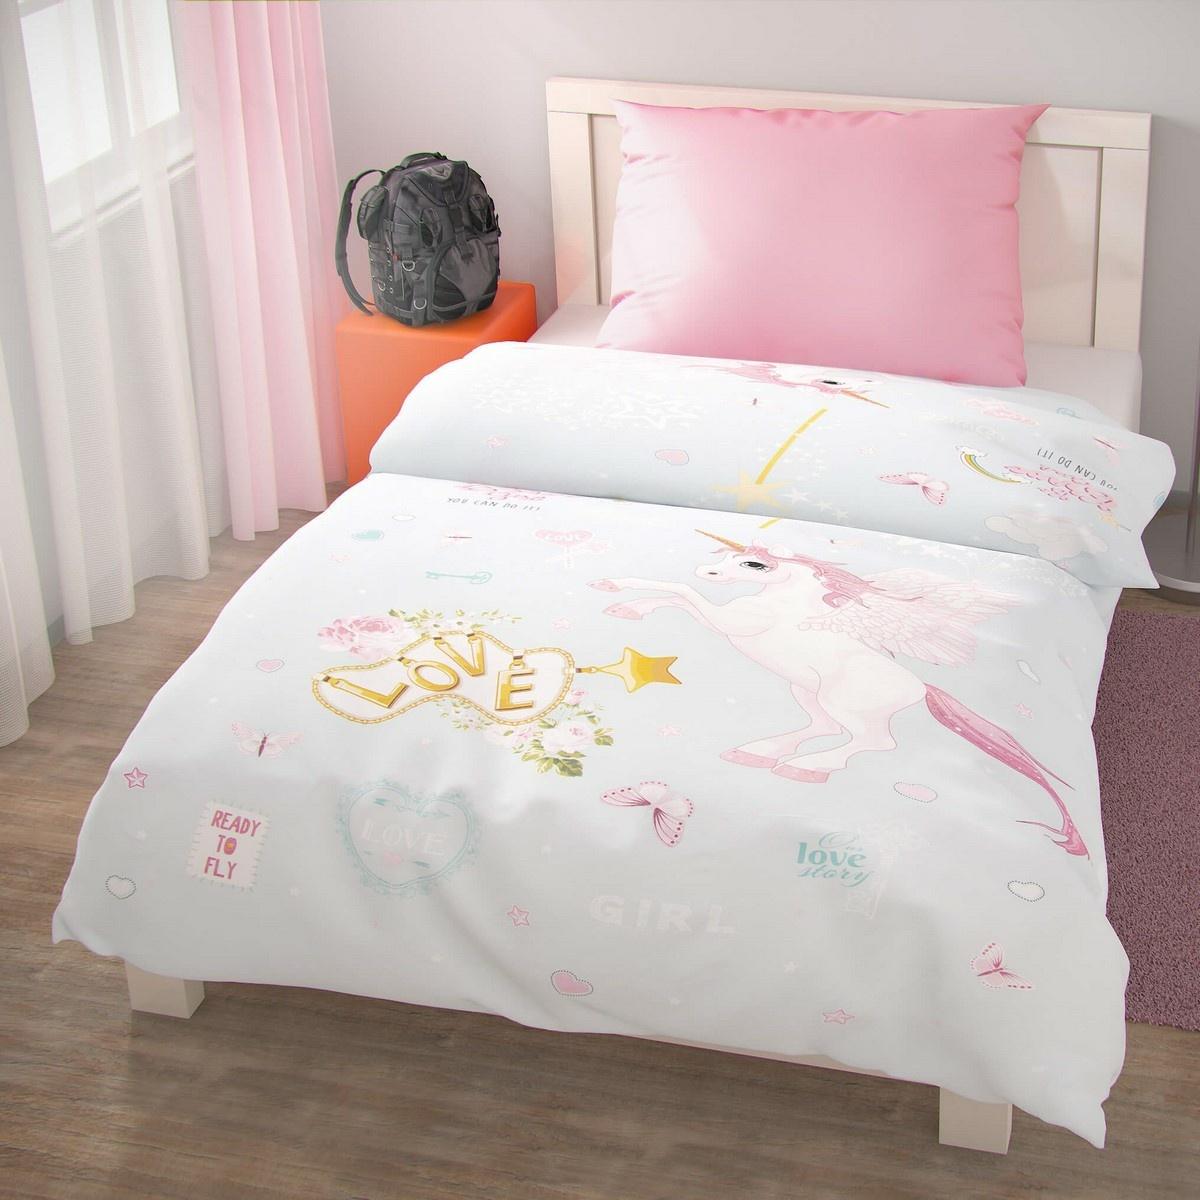 Kvalitex Detské bavlnené obliečky Pegas, 140 x 220 cm, 70 x 90 cm, ružová, 140 x 220 cm, 70 x 90 cm